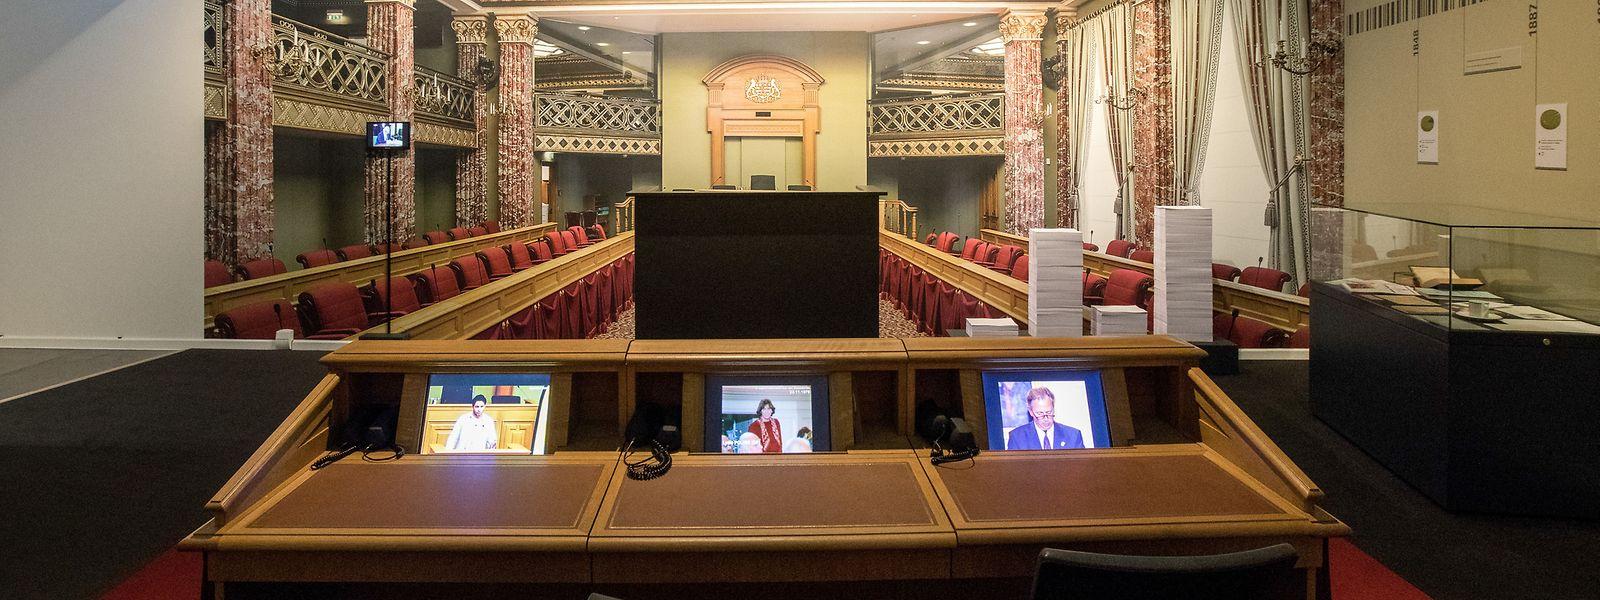 Die Chamber ist das Zentrum der Demokratie. Auch sie hat ihren Platz in der Ausstellung #MirWieleWatMirSinn